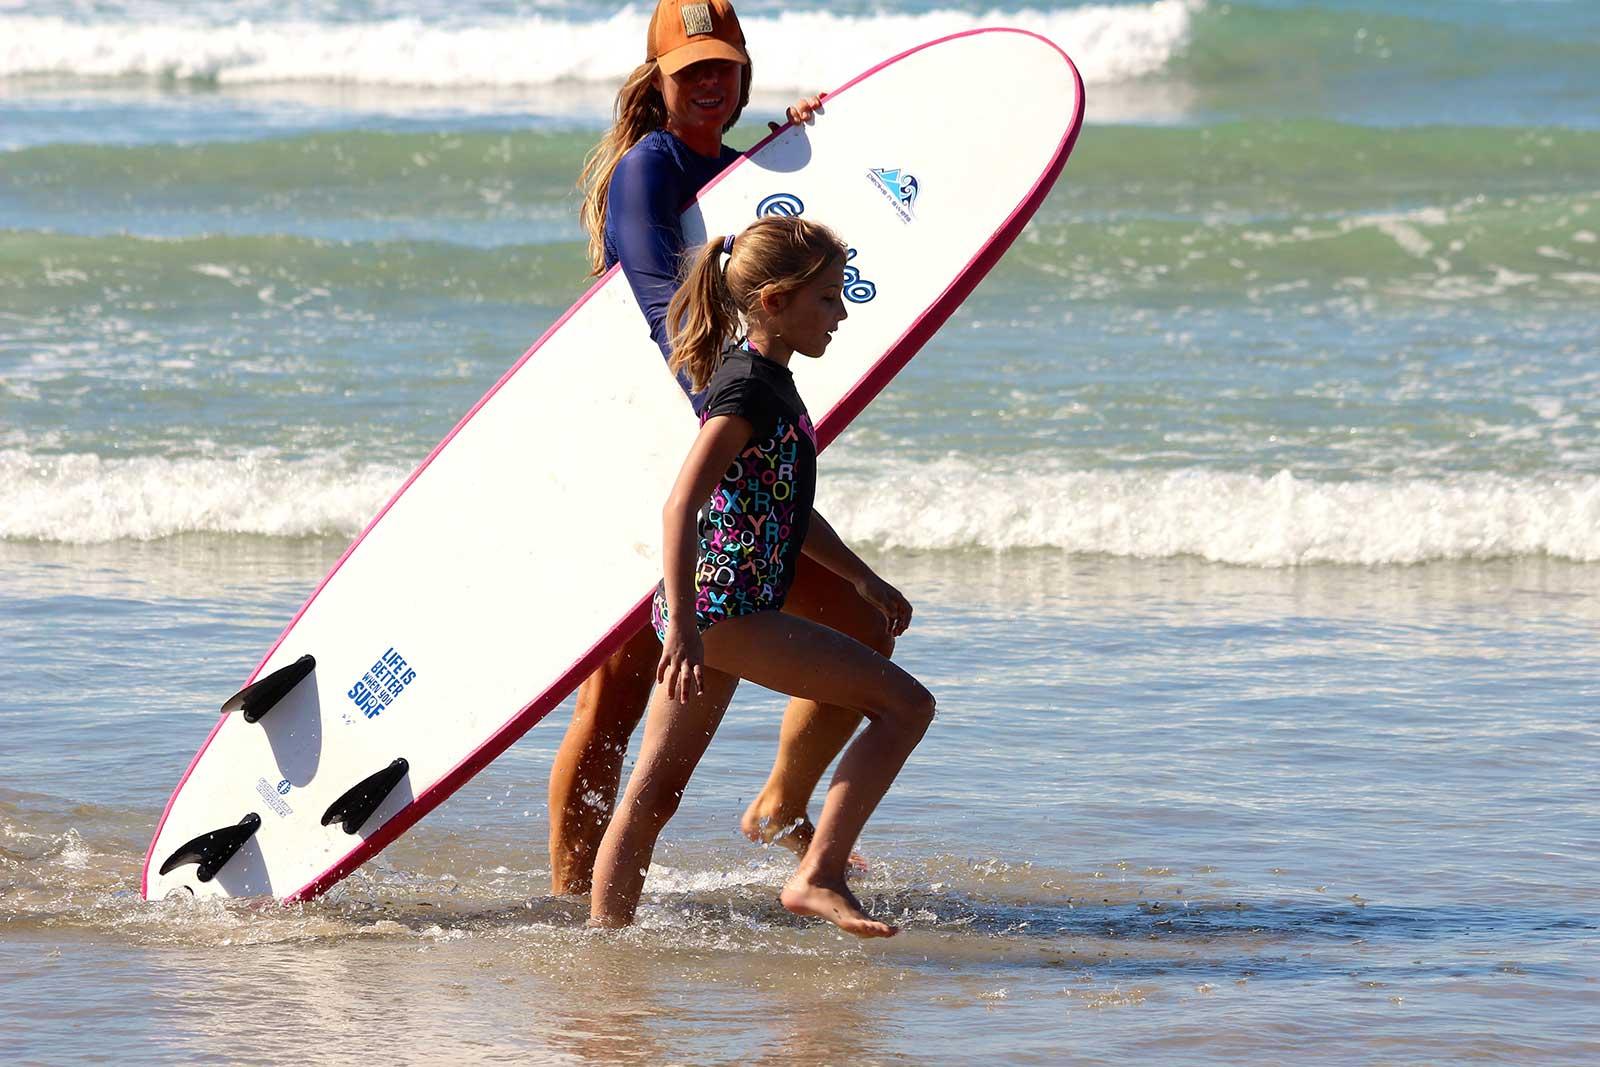 Peaks n' Swells Surf Camp Life